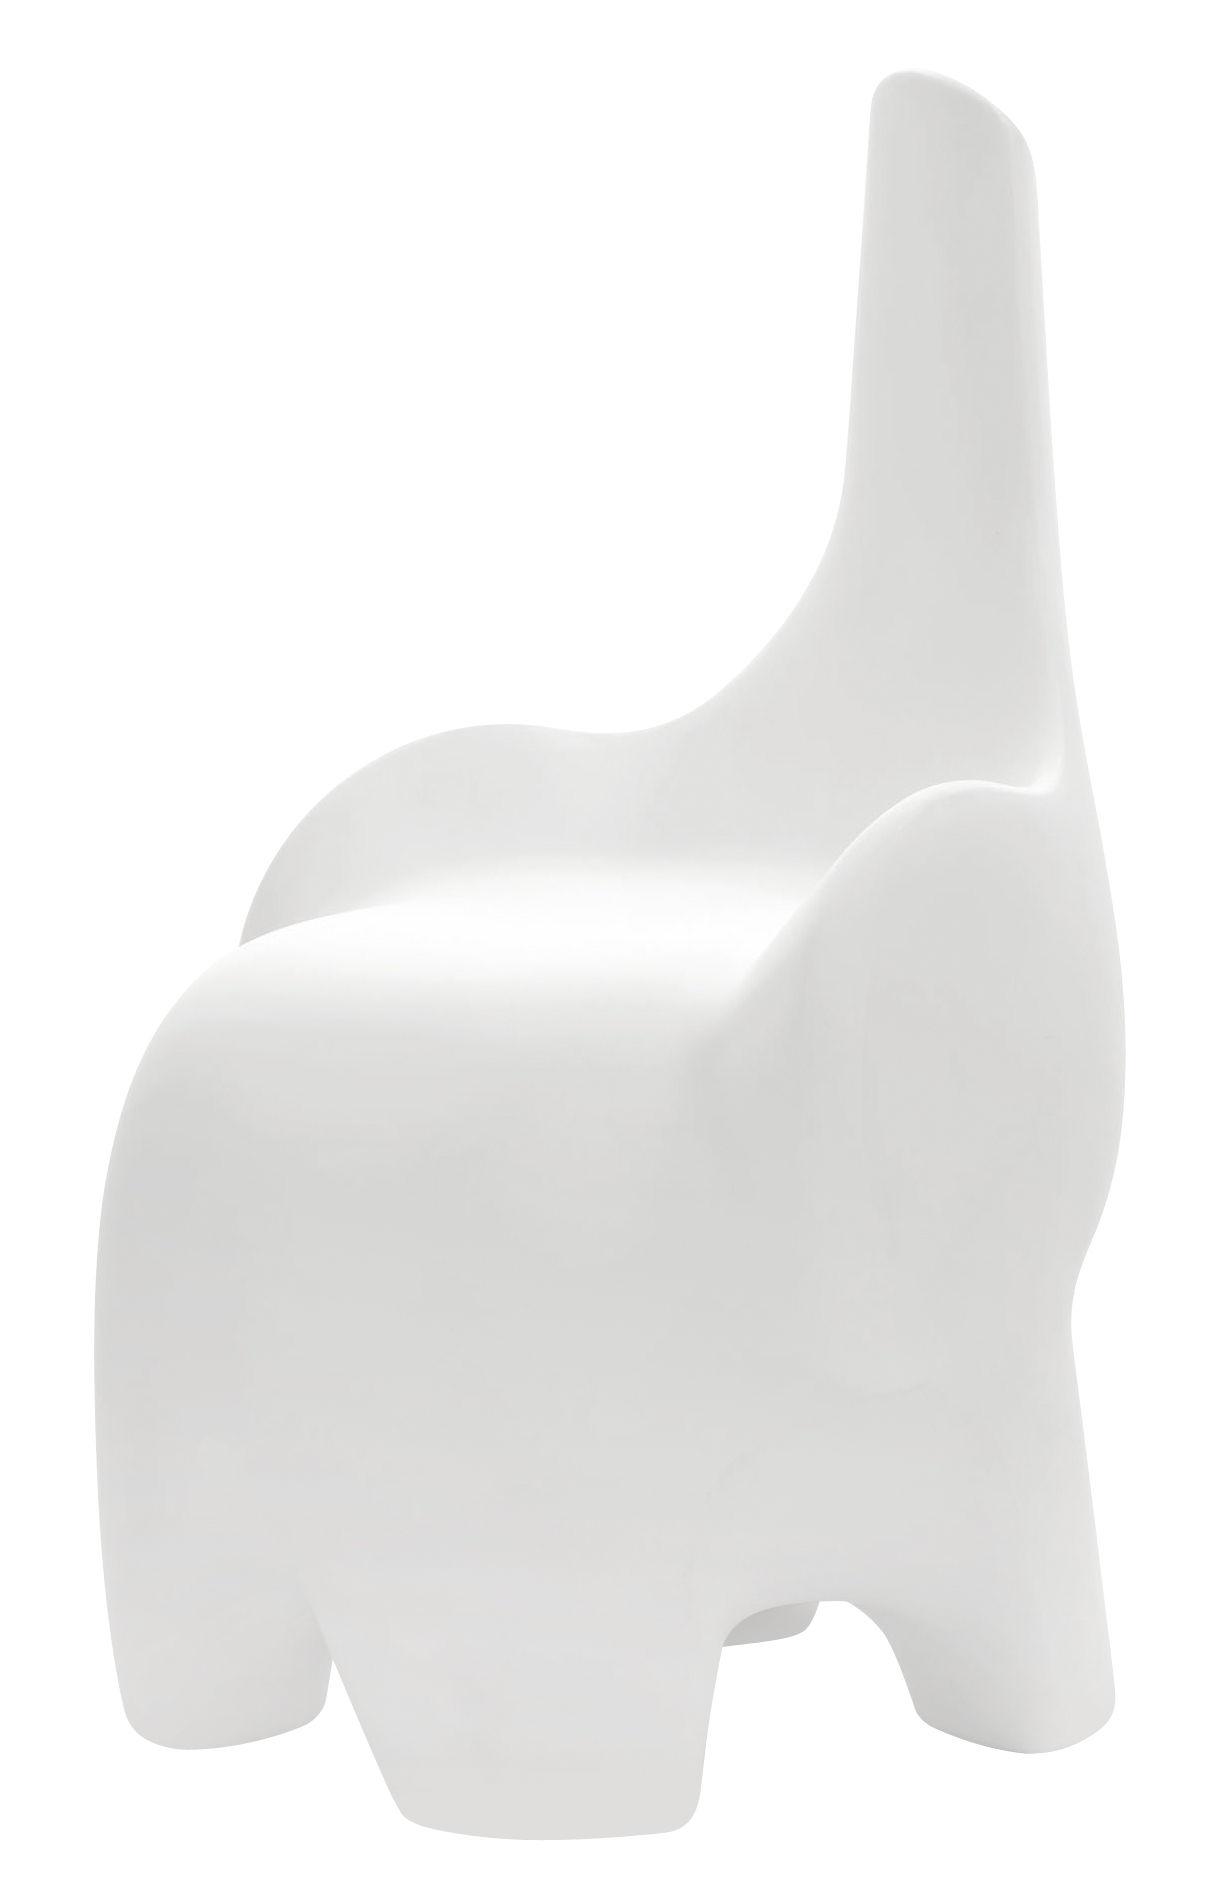 Mobilier - Chaises, fauteuils de salle à manger - Chaise enfant Tino / Décoration - Intérieur/extérieur - MyYour - Blanc - Plastique Poleasy ®